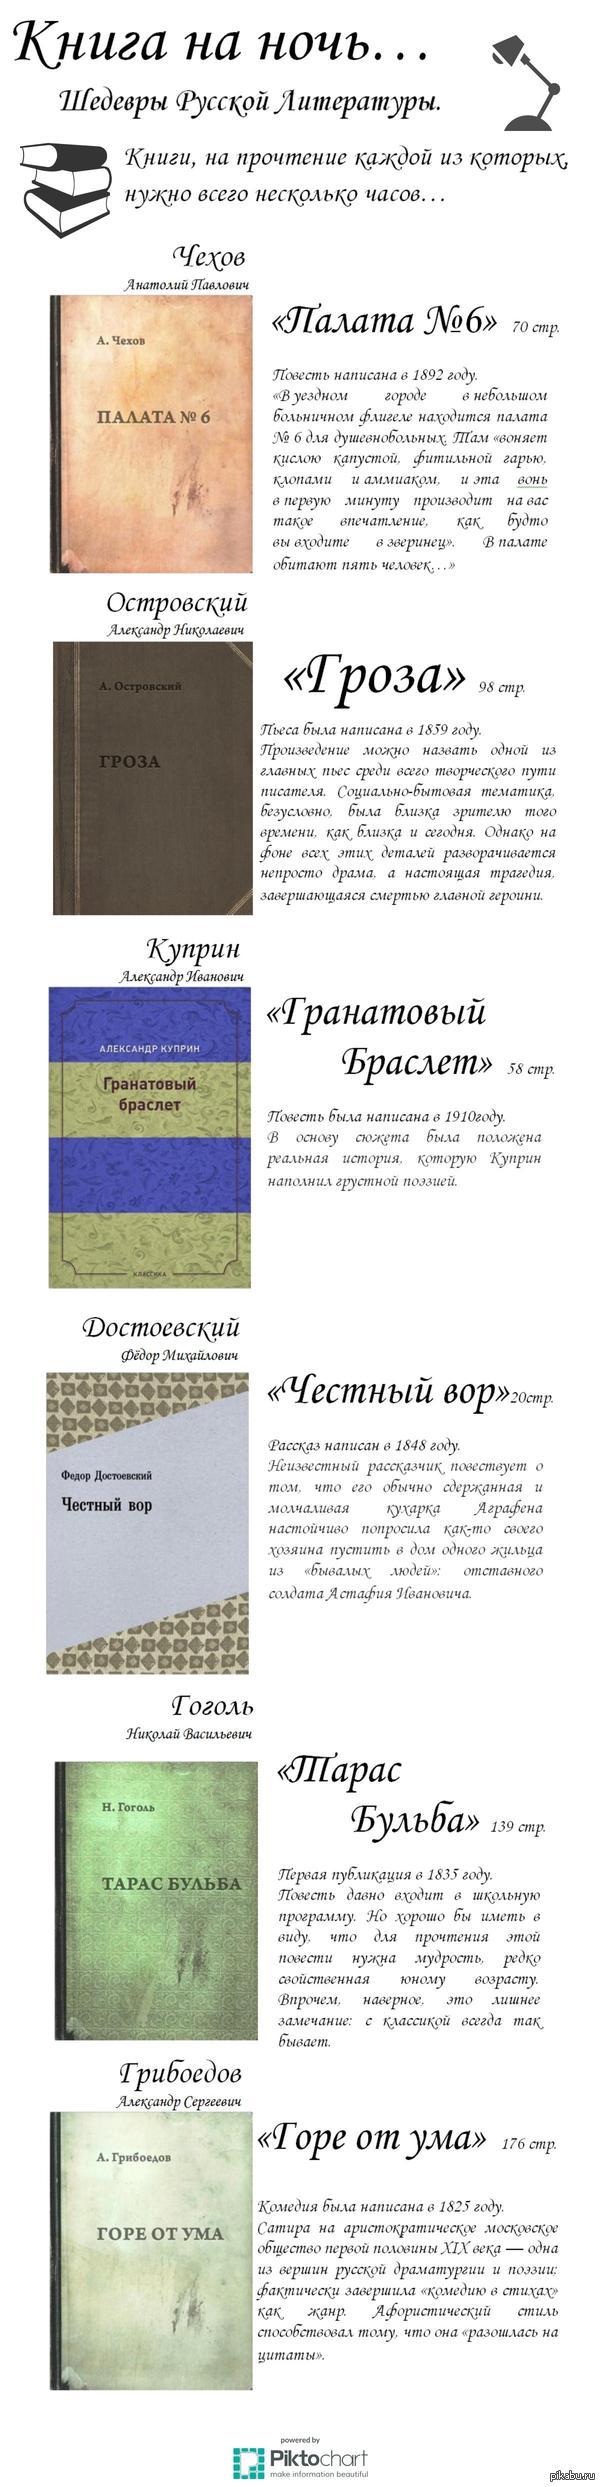 Литература. ссылки на бесплатные книги для android в комментарии.